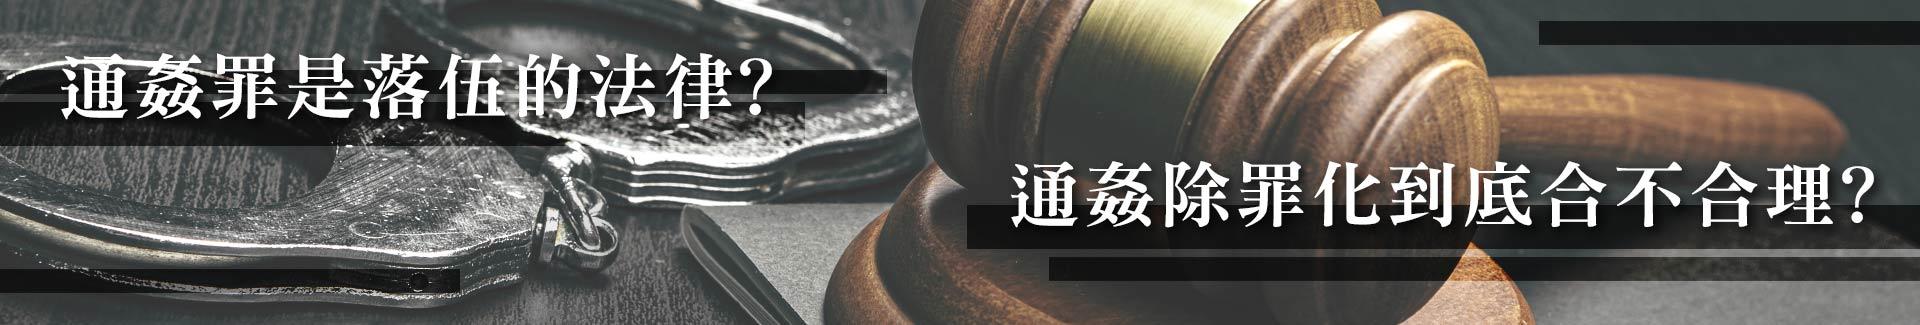 通姦罪是落伍的法律